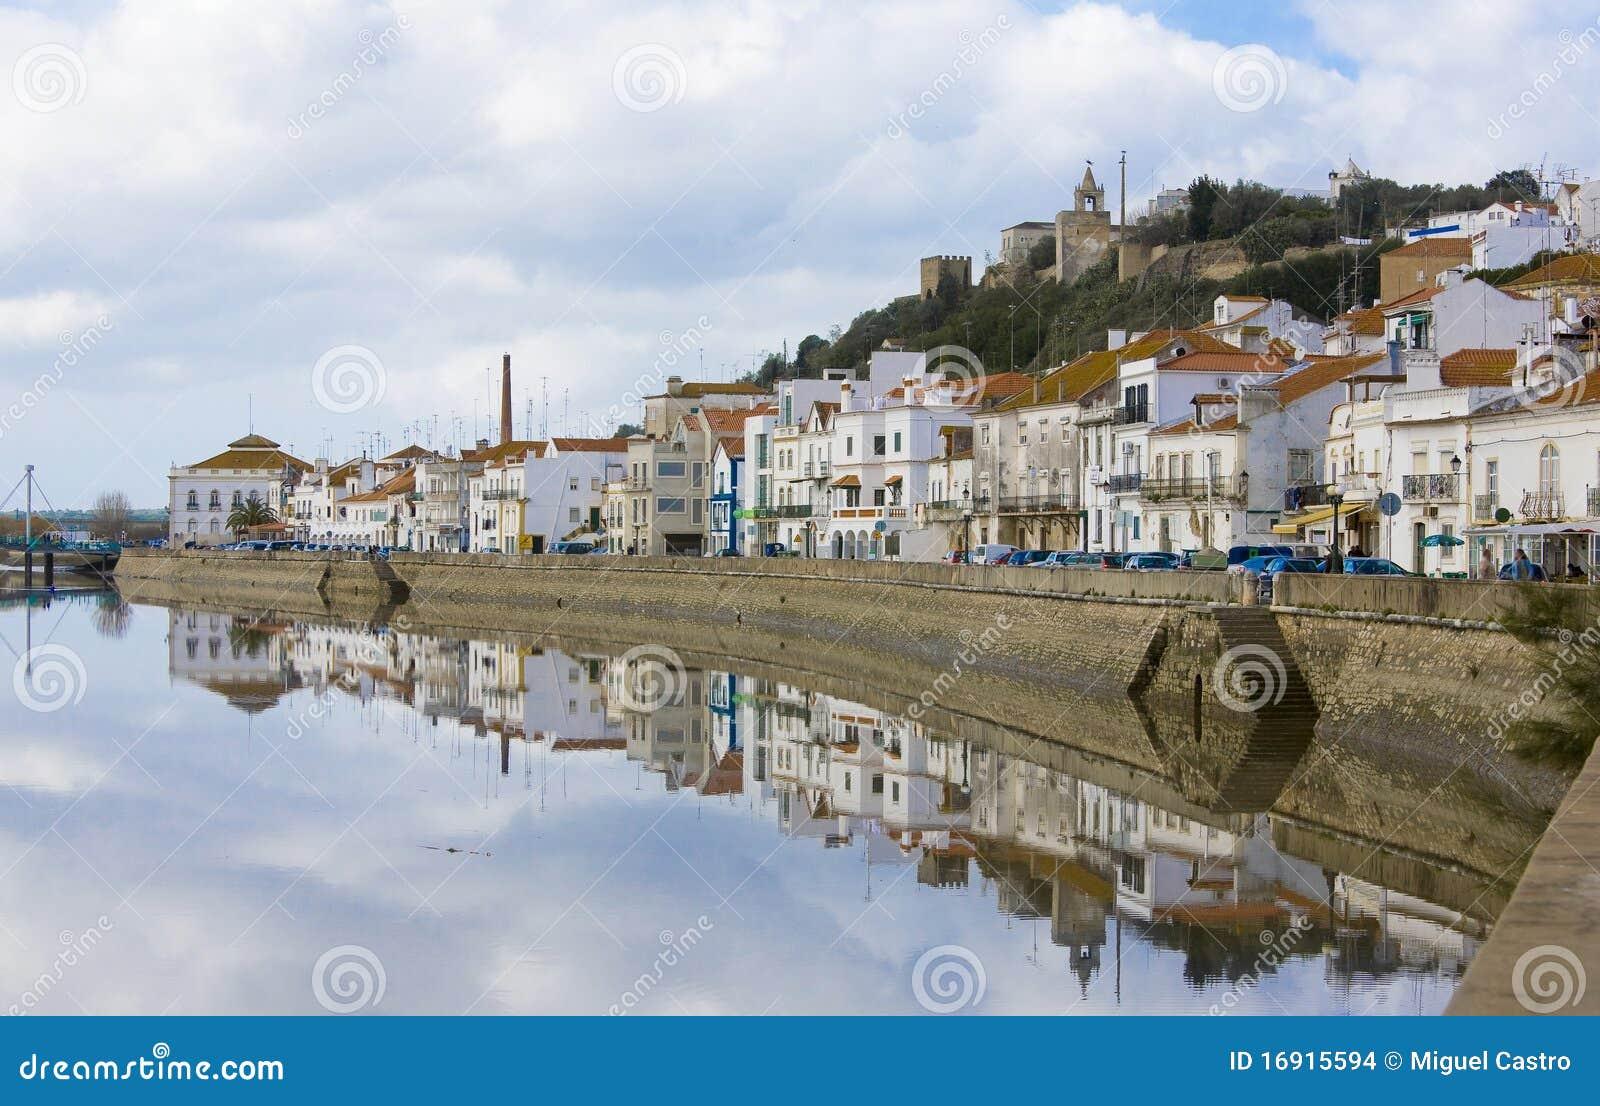 Alcacer faz o Sal, Setubal, costa azul Portugal